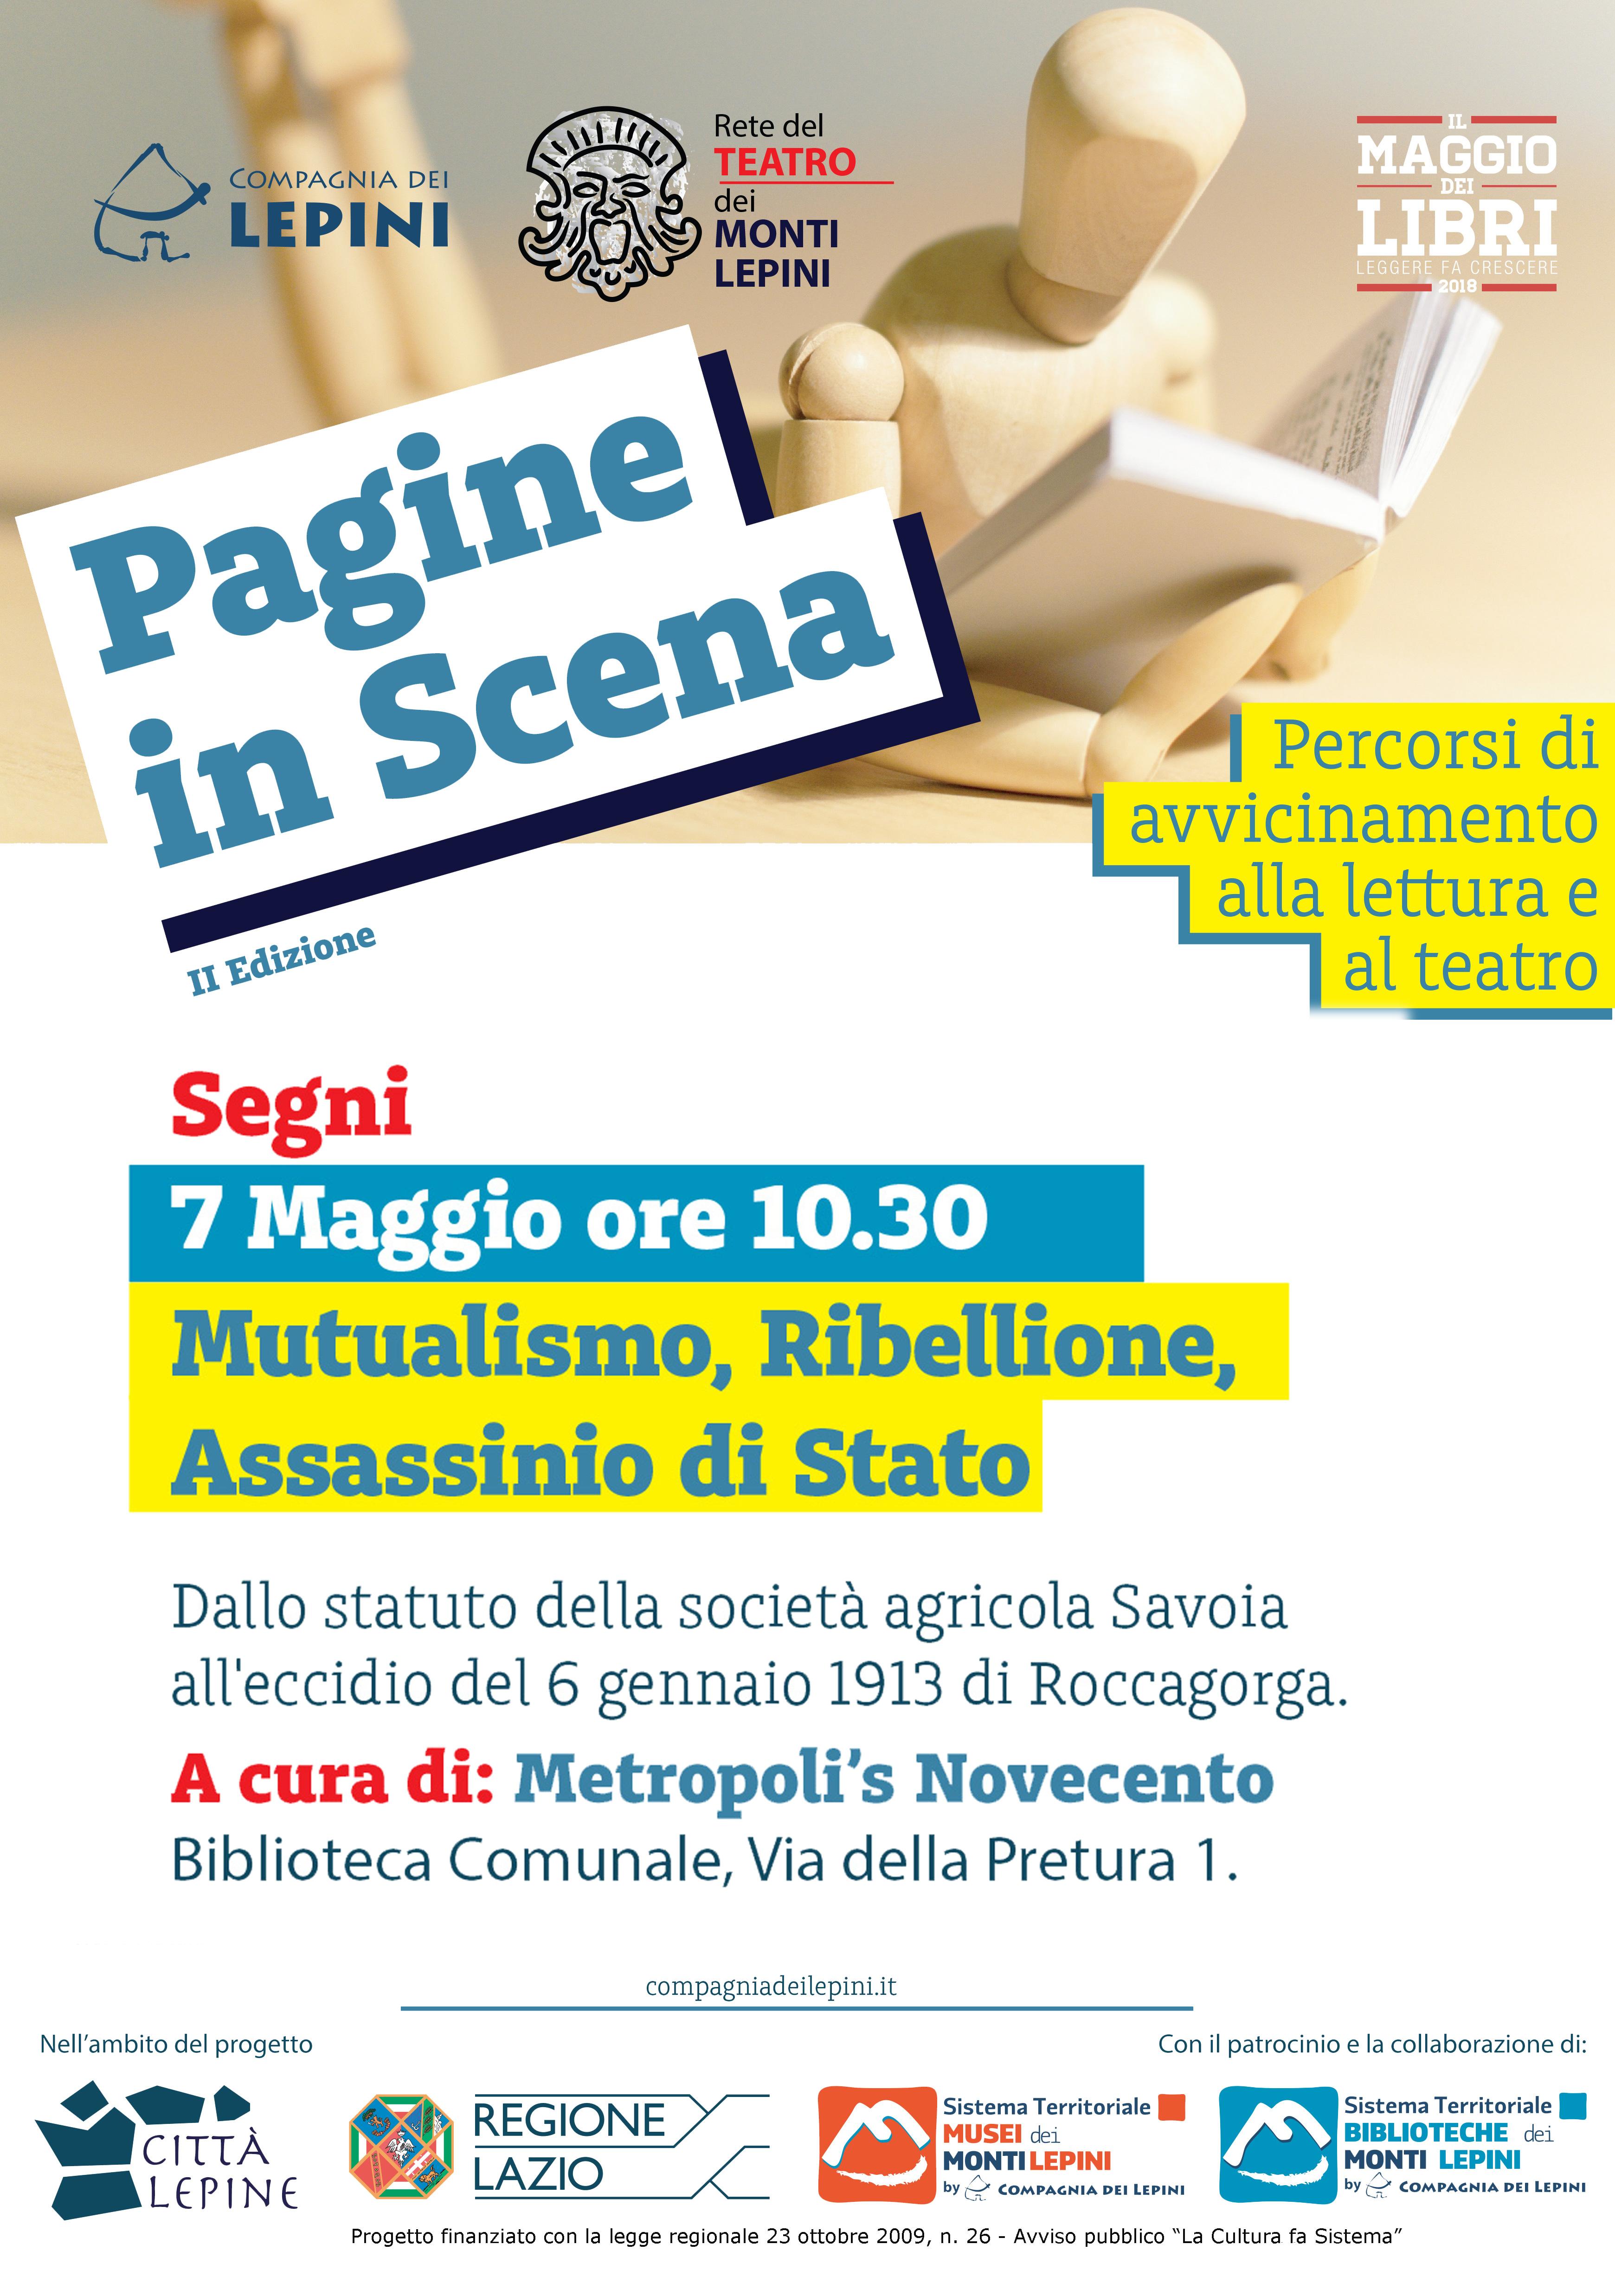 Pagine in scena Segni: Mutualismo, Ribellione, Assassinio di Stato @ Biblioteca Comunale | Segni | Lazio | Italia